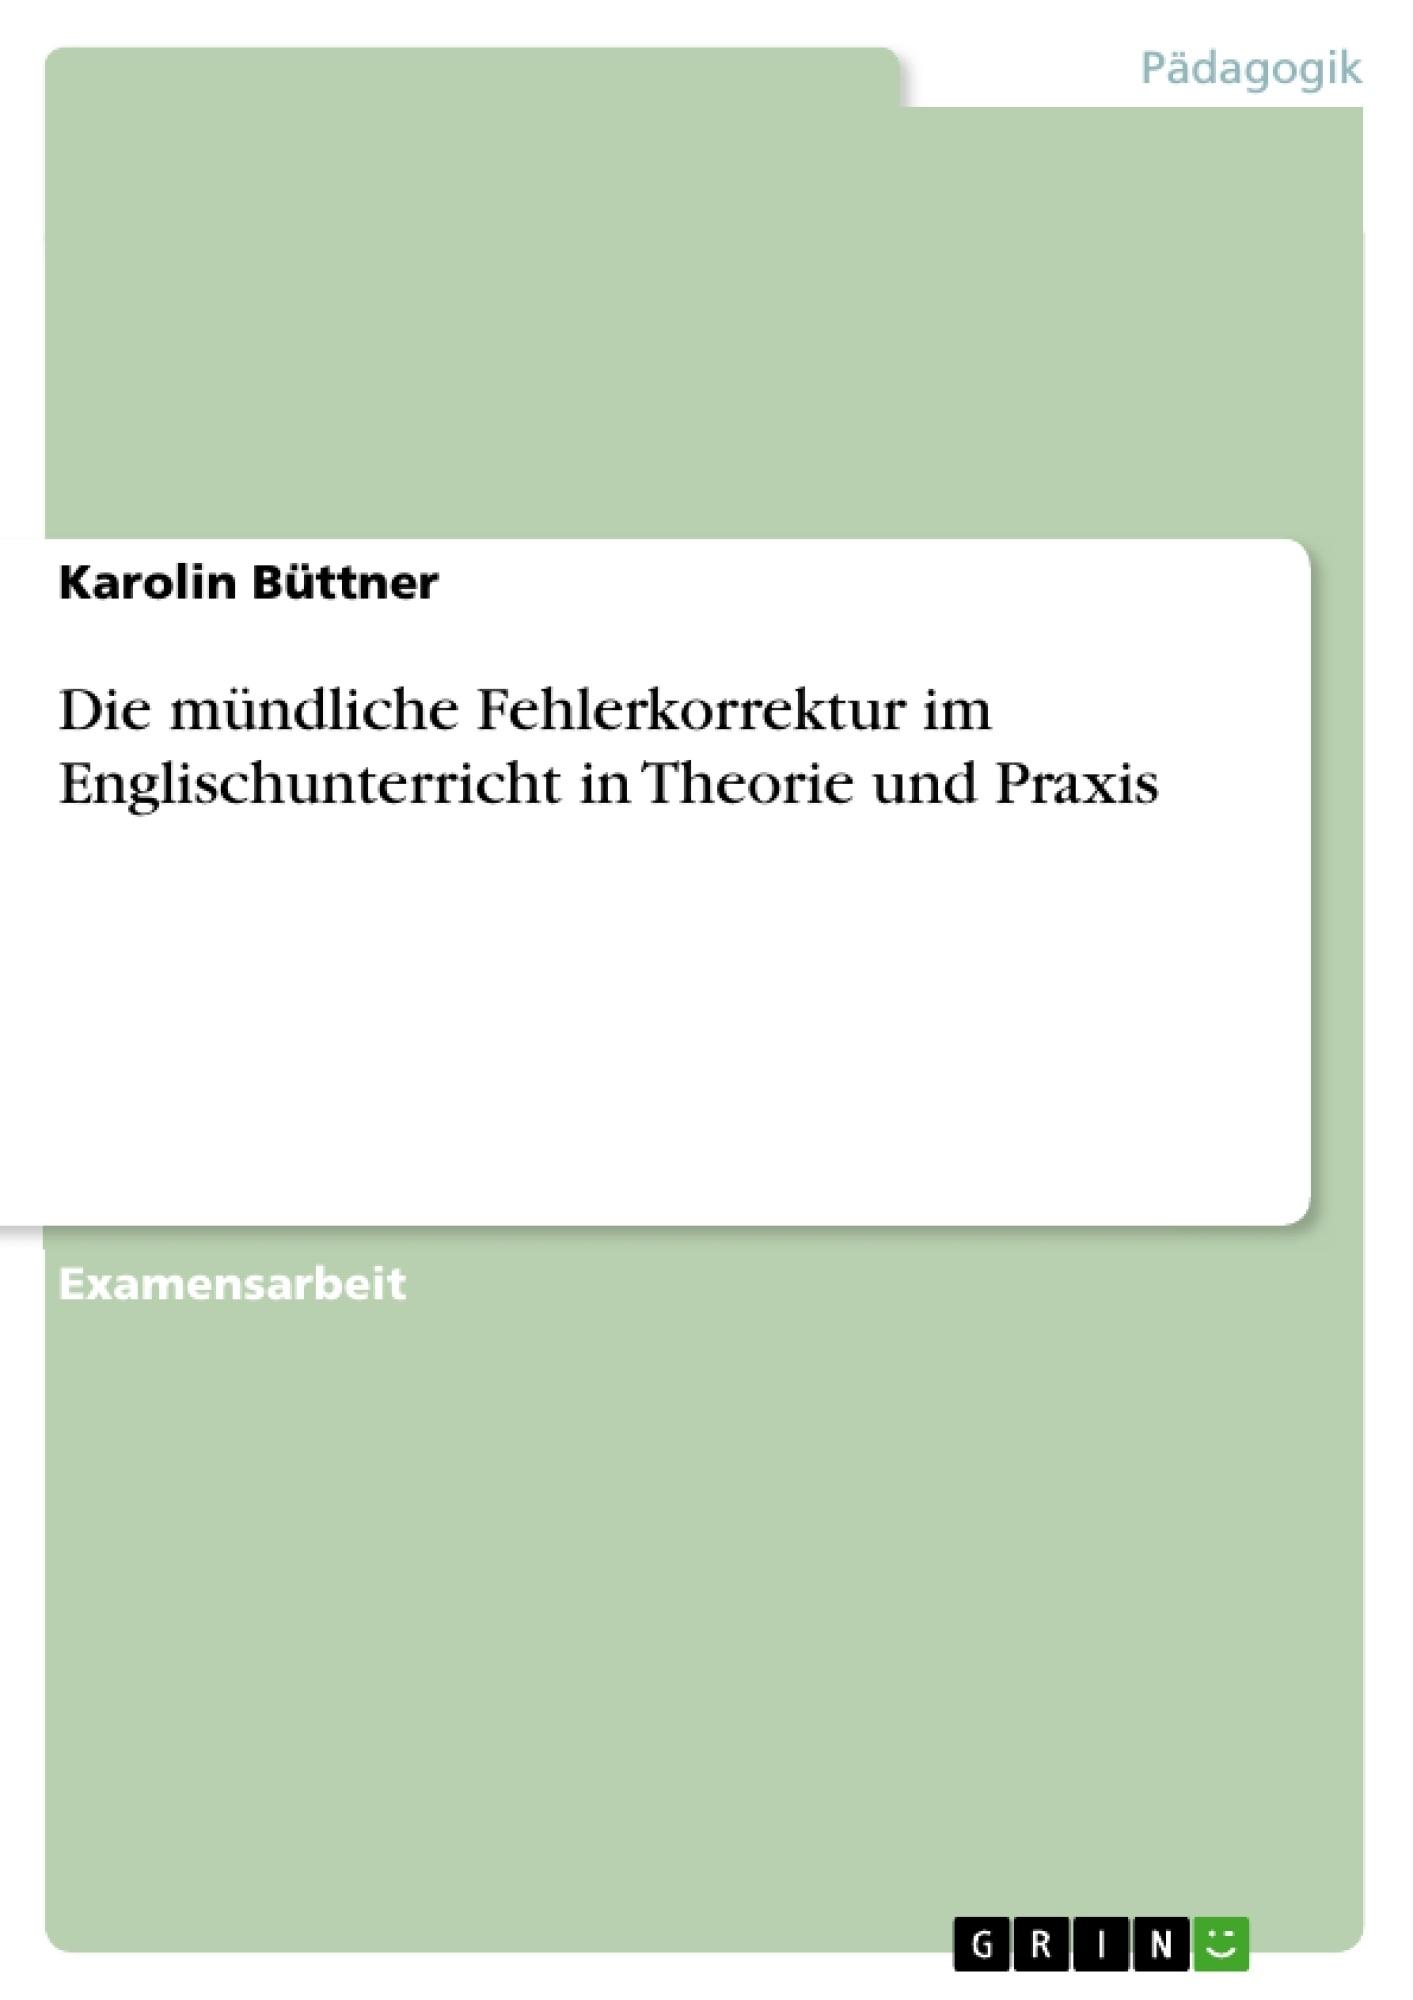 Titel: Die mündliche Fehlerkorrektur im Englischunterricht in Theorie und Praxis